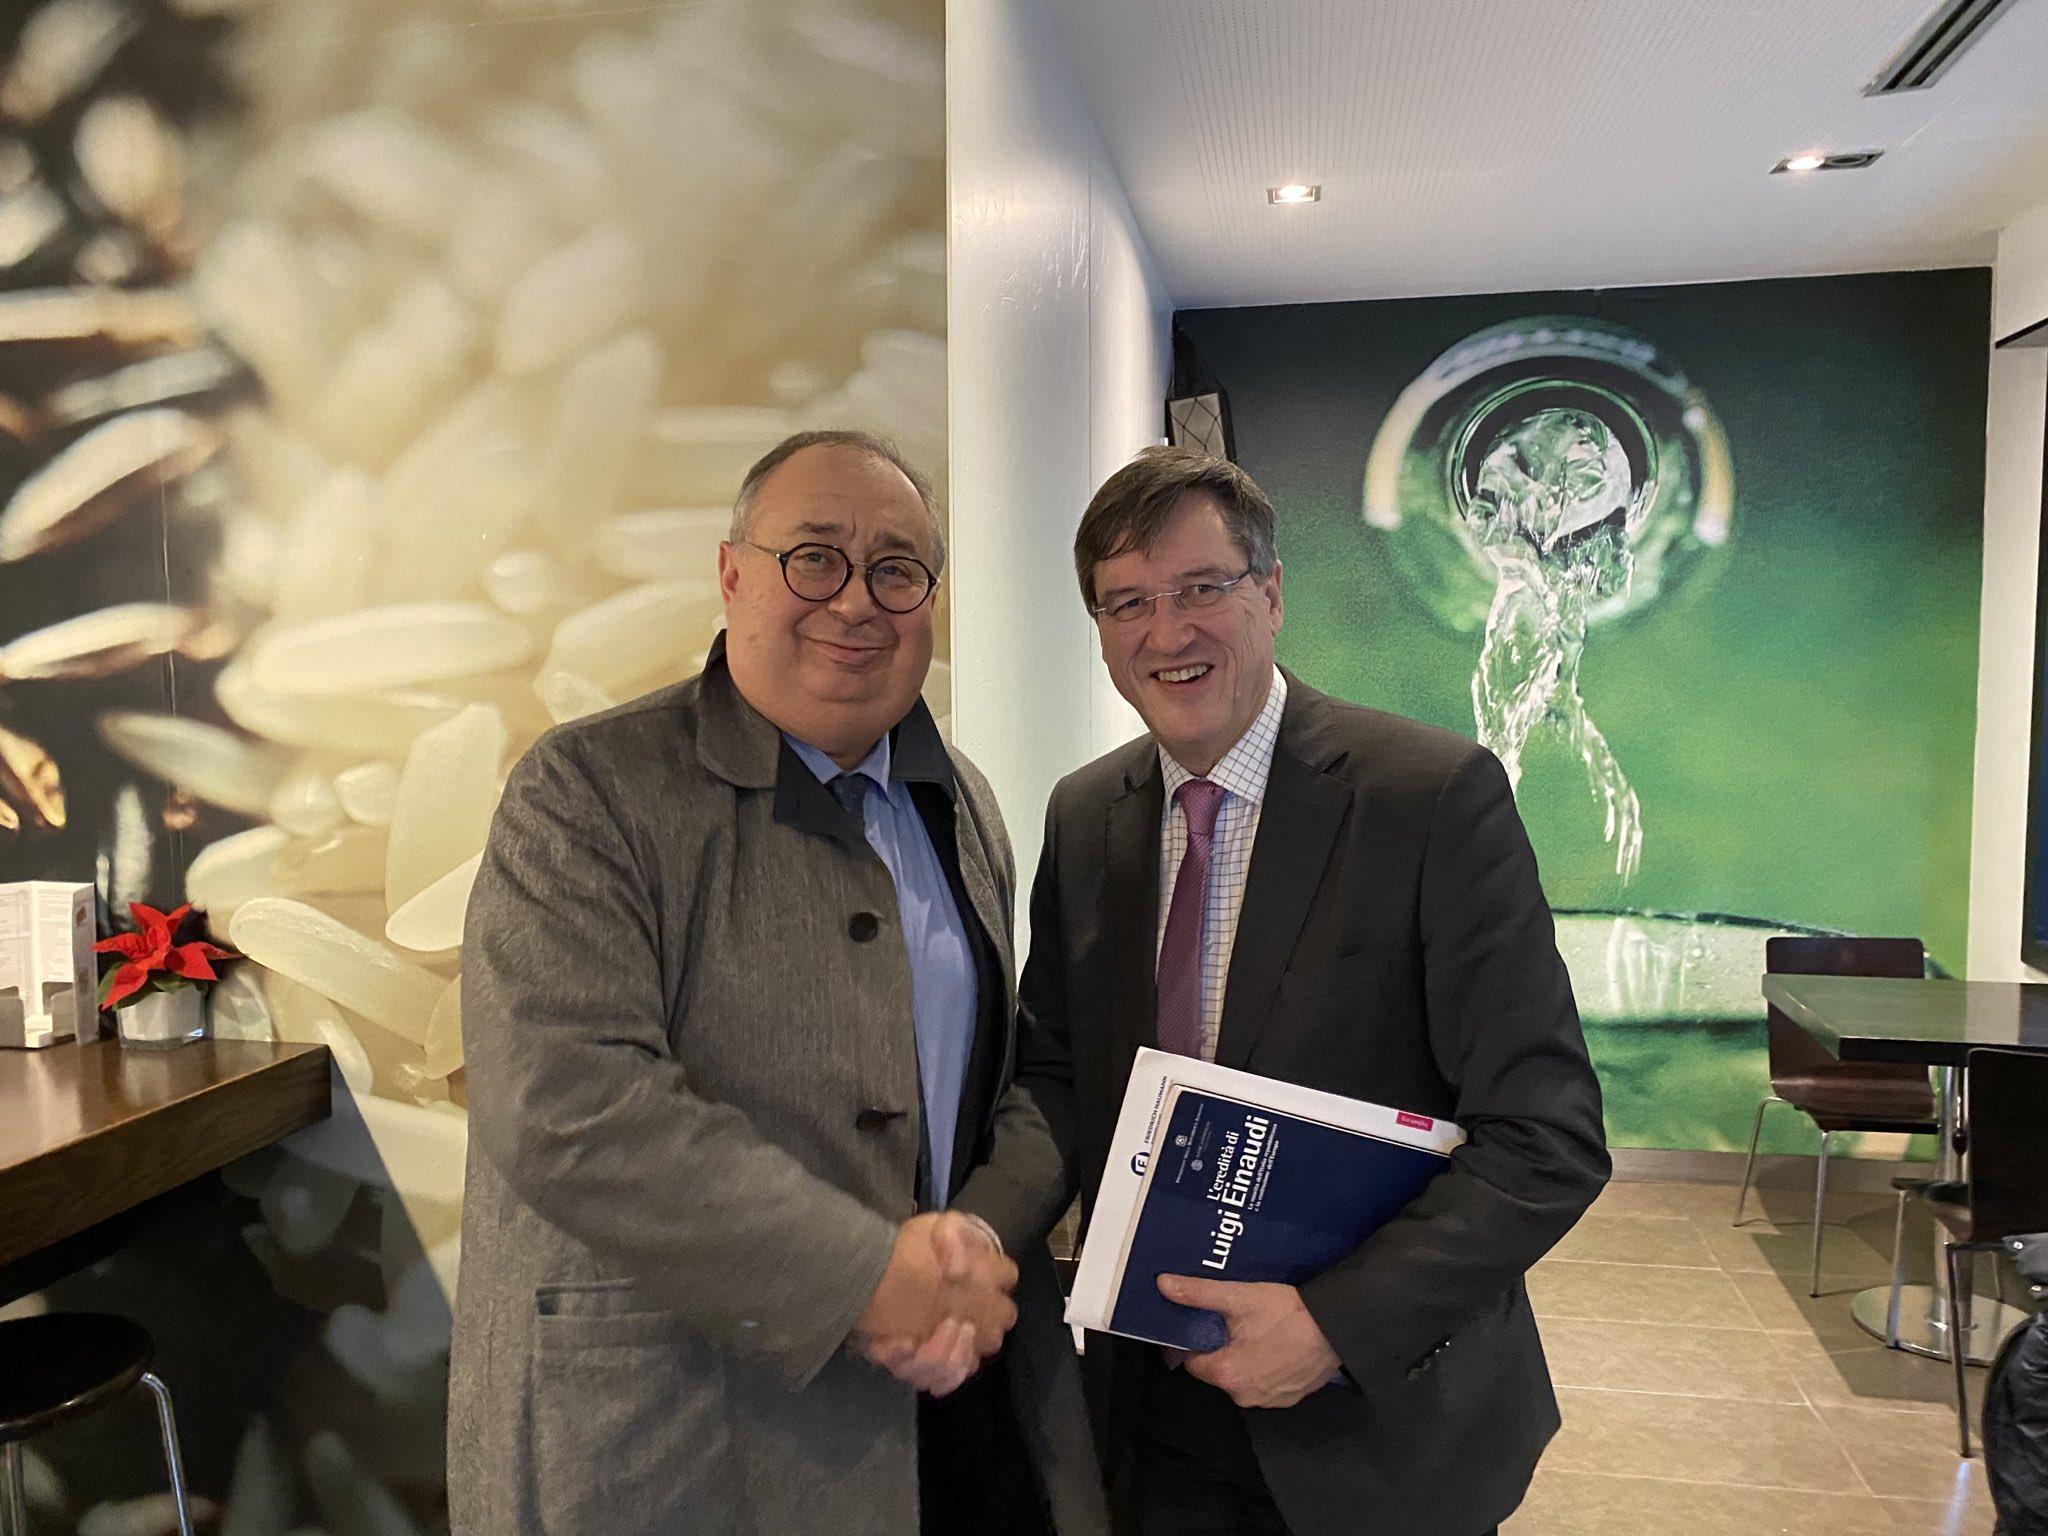 Incontro tra Presidente Benedetto e Presidente Karl-Heinz Paquè, della Fondazione Friedrich-Naumann-Stiftung für die Freiheit, a Madrid